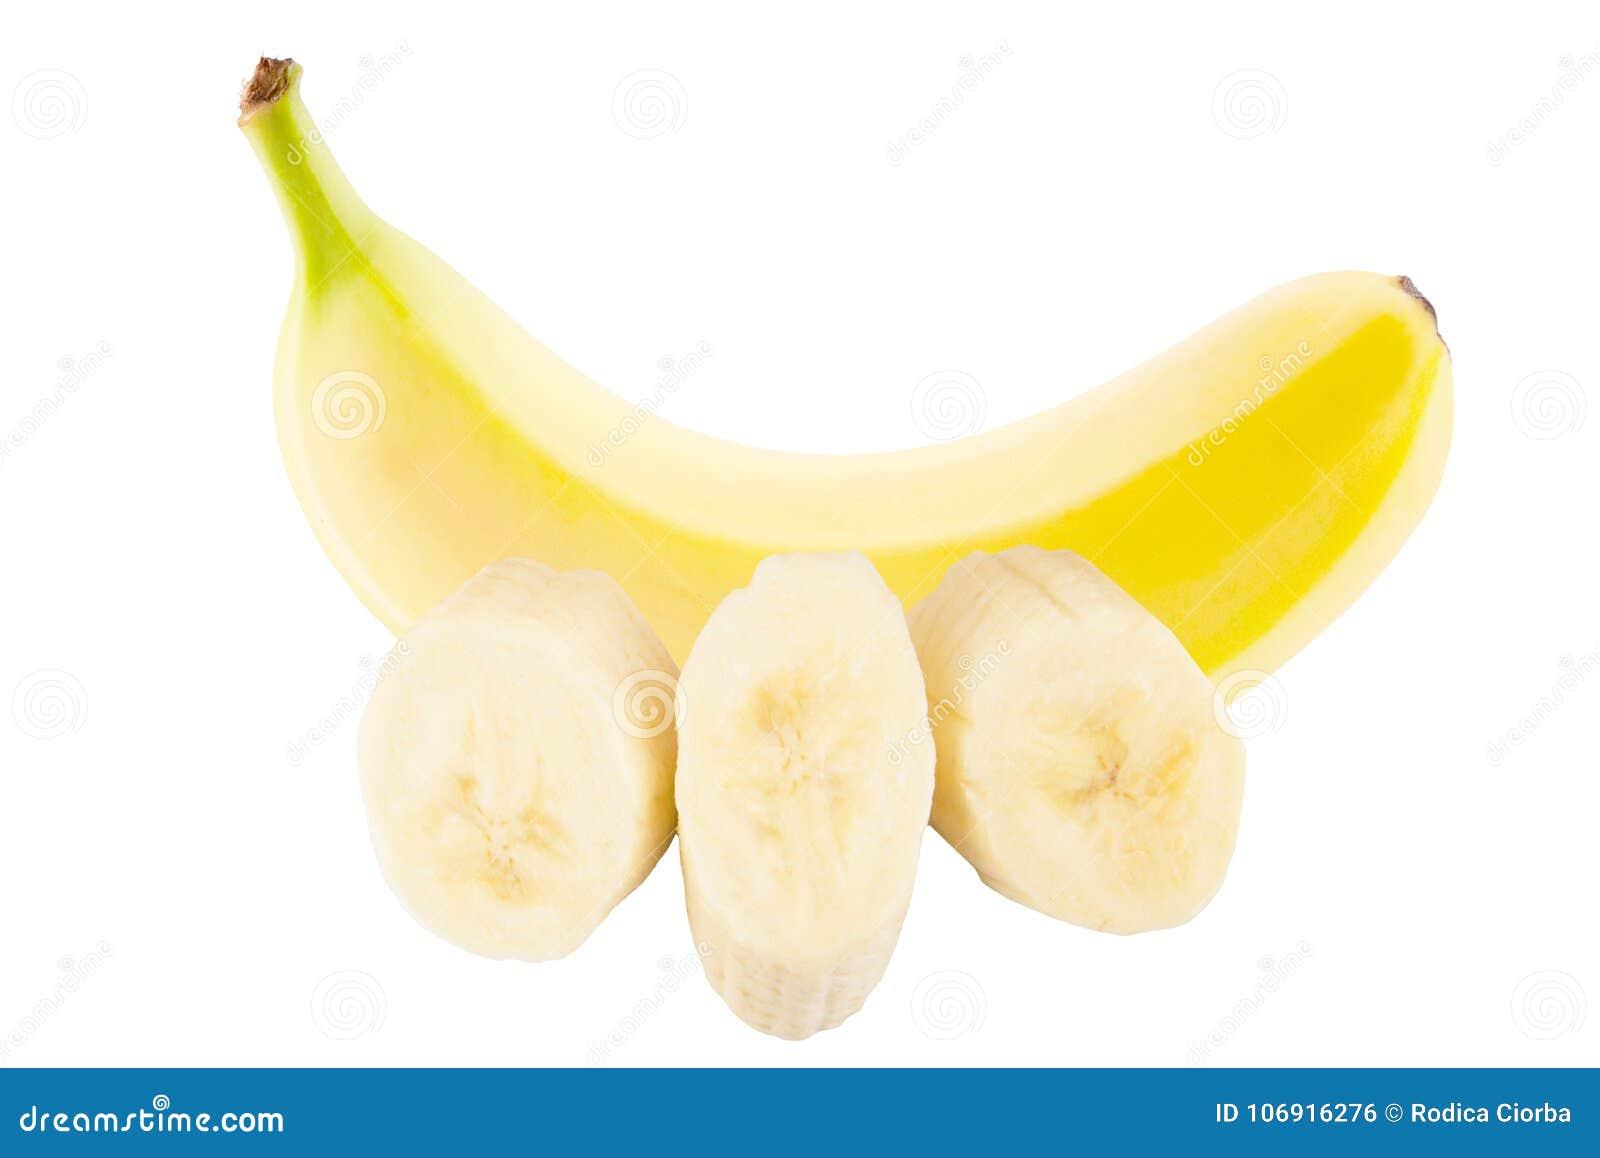 Jeden cały świeży banan i plasterki na białym tle